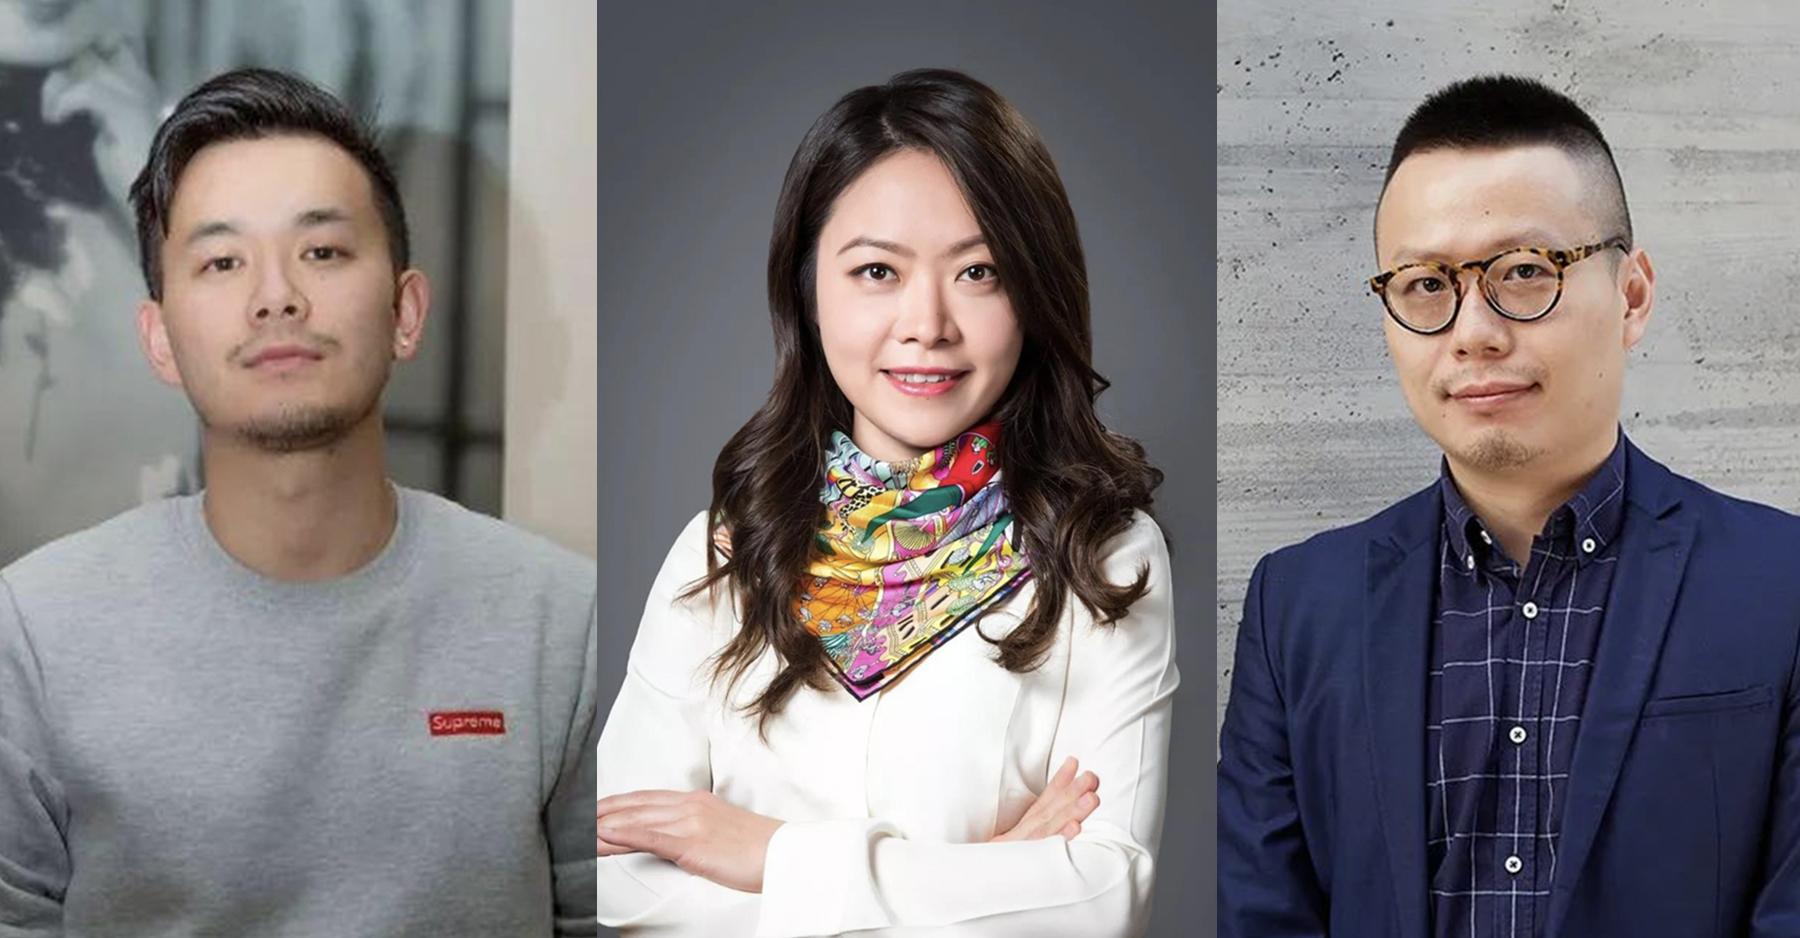 佳士得、ART021、卓纳负责人共同畅谈:2021年中国艺术市场展望